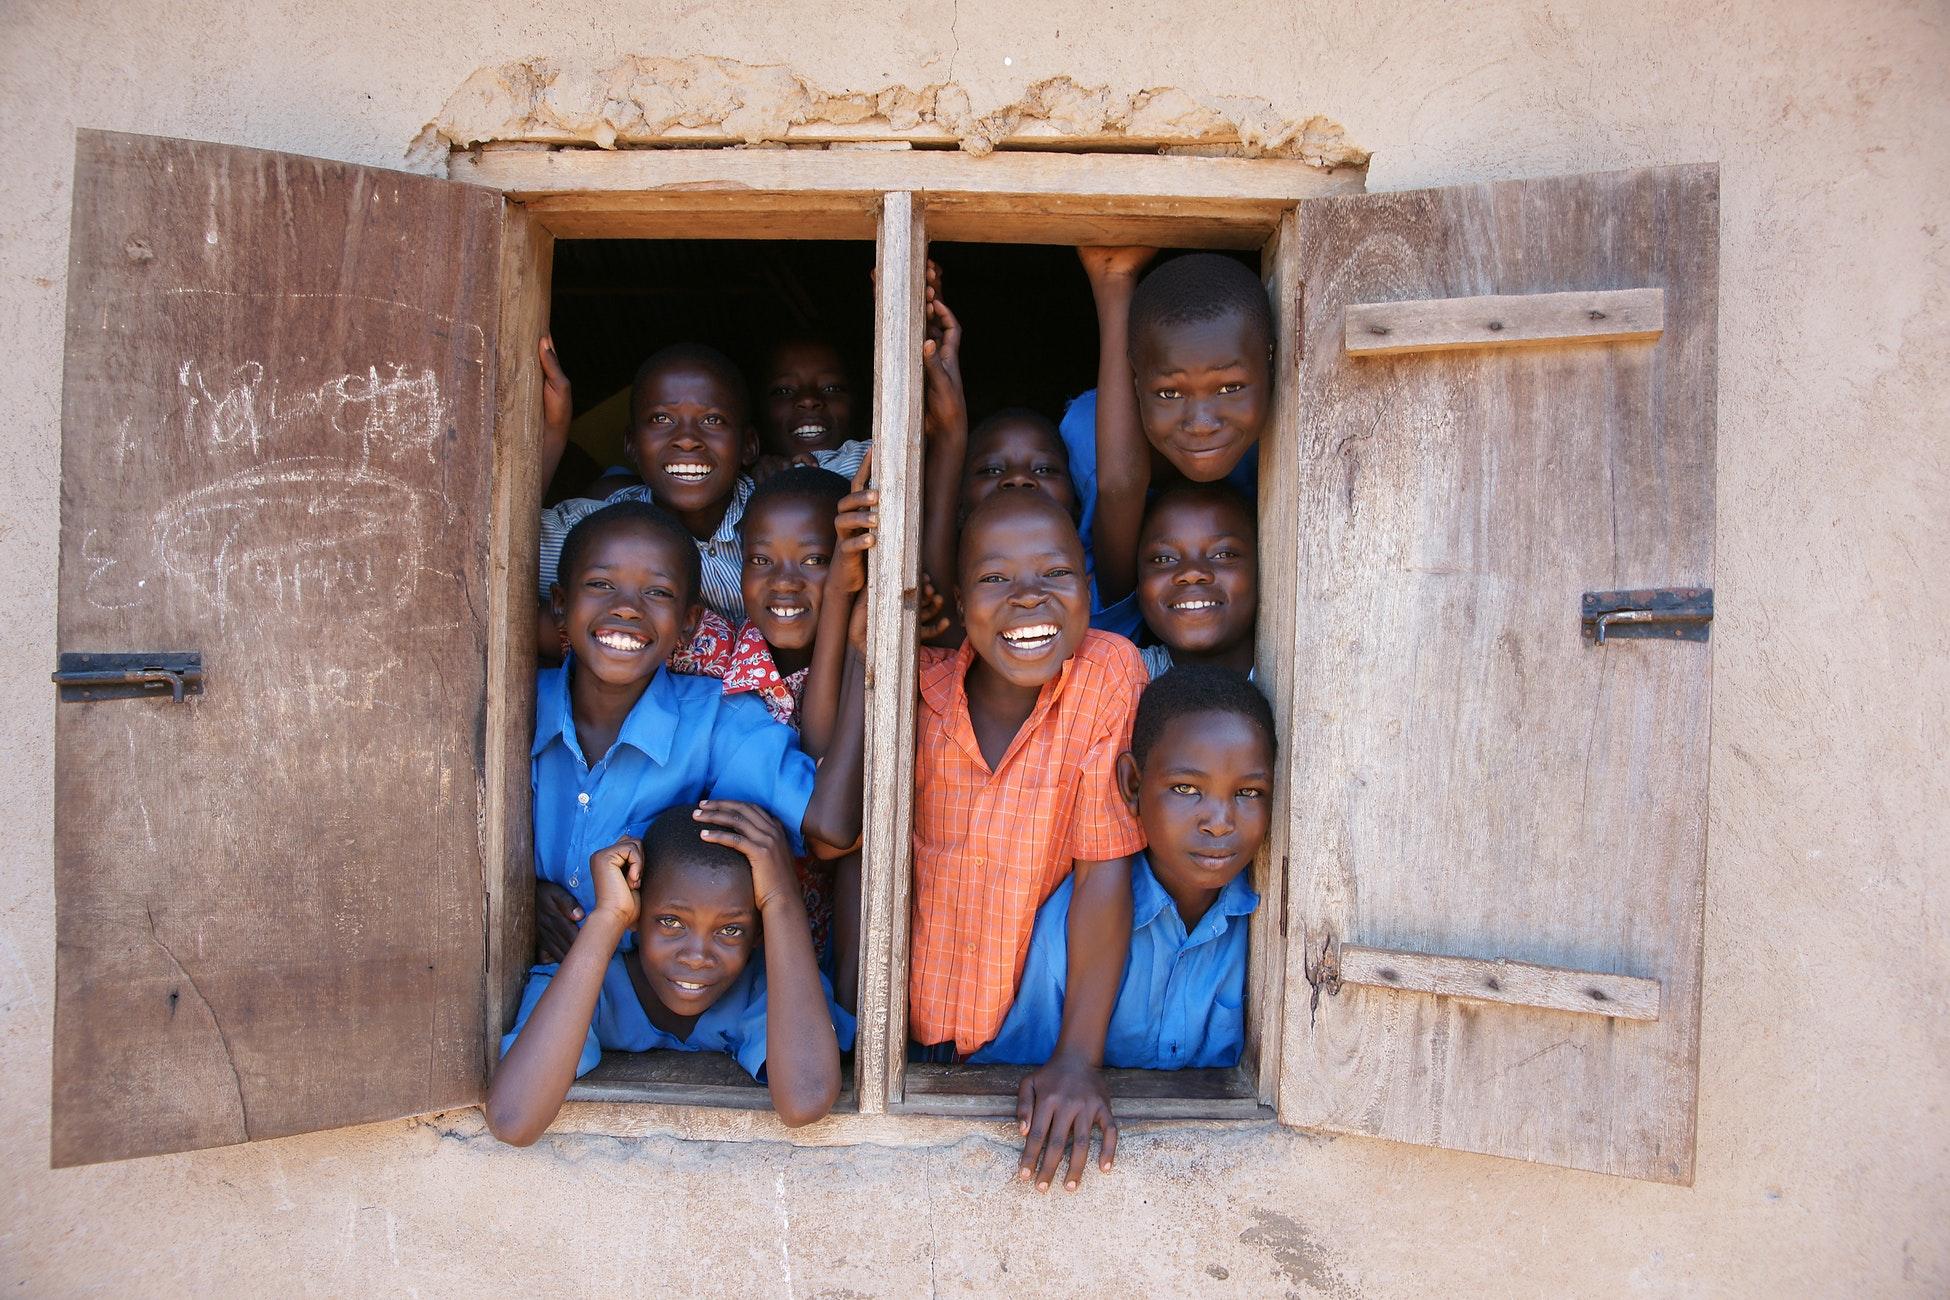 kids_in_window